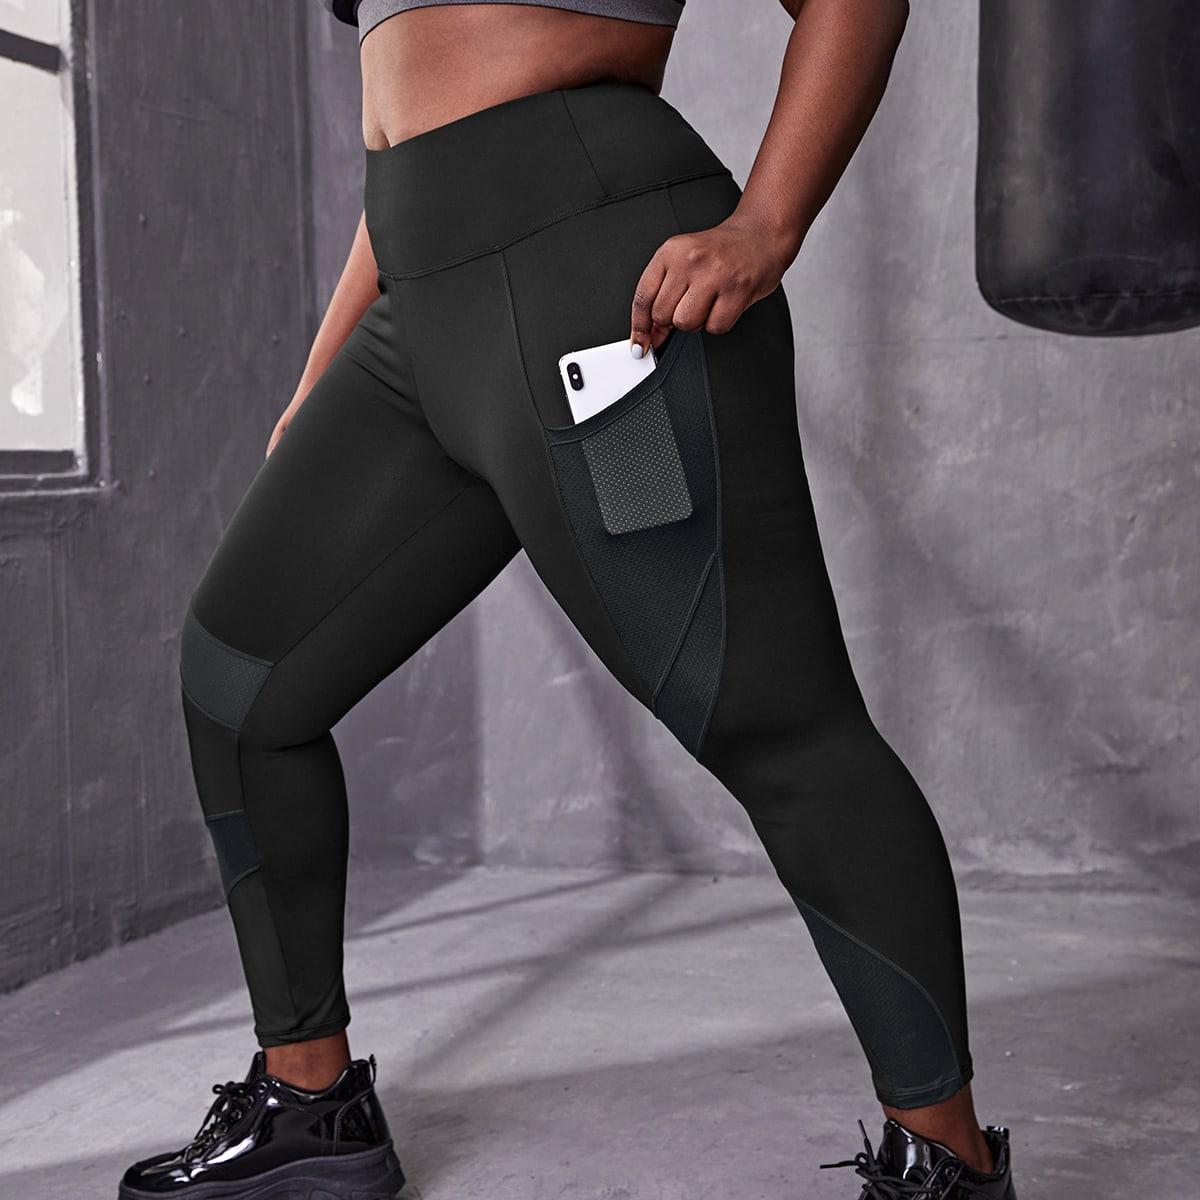 Простые спортивные леггинсы большого размера с карманом для мобильного телефона